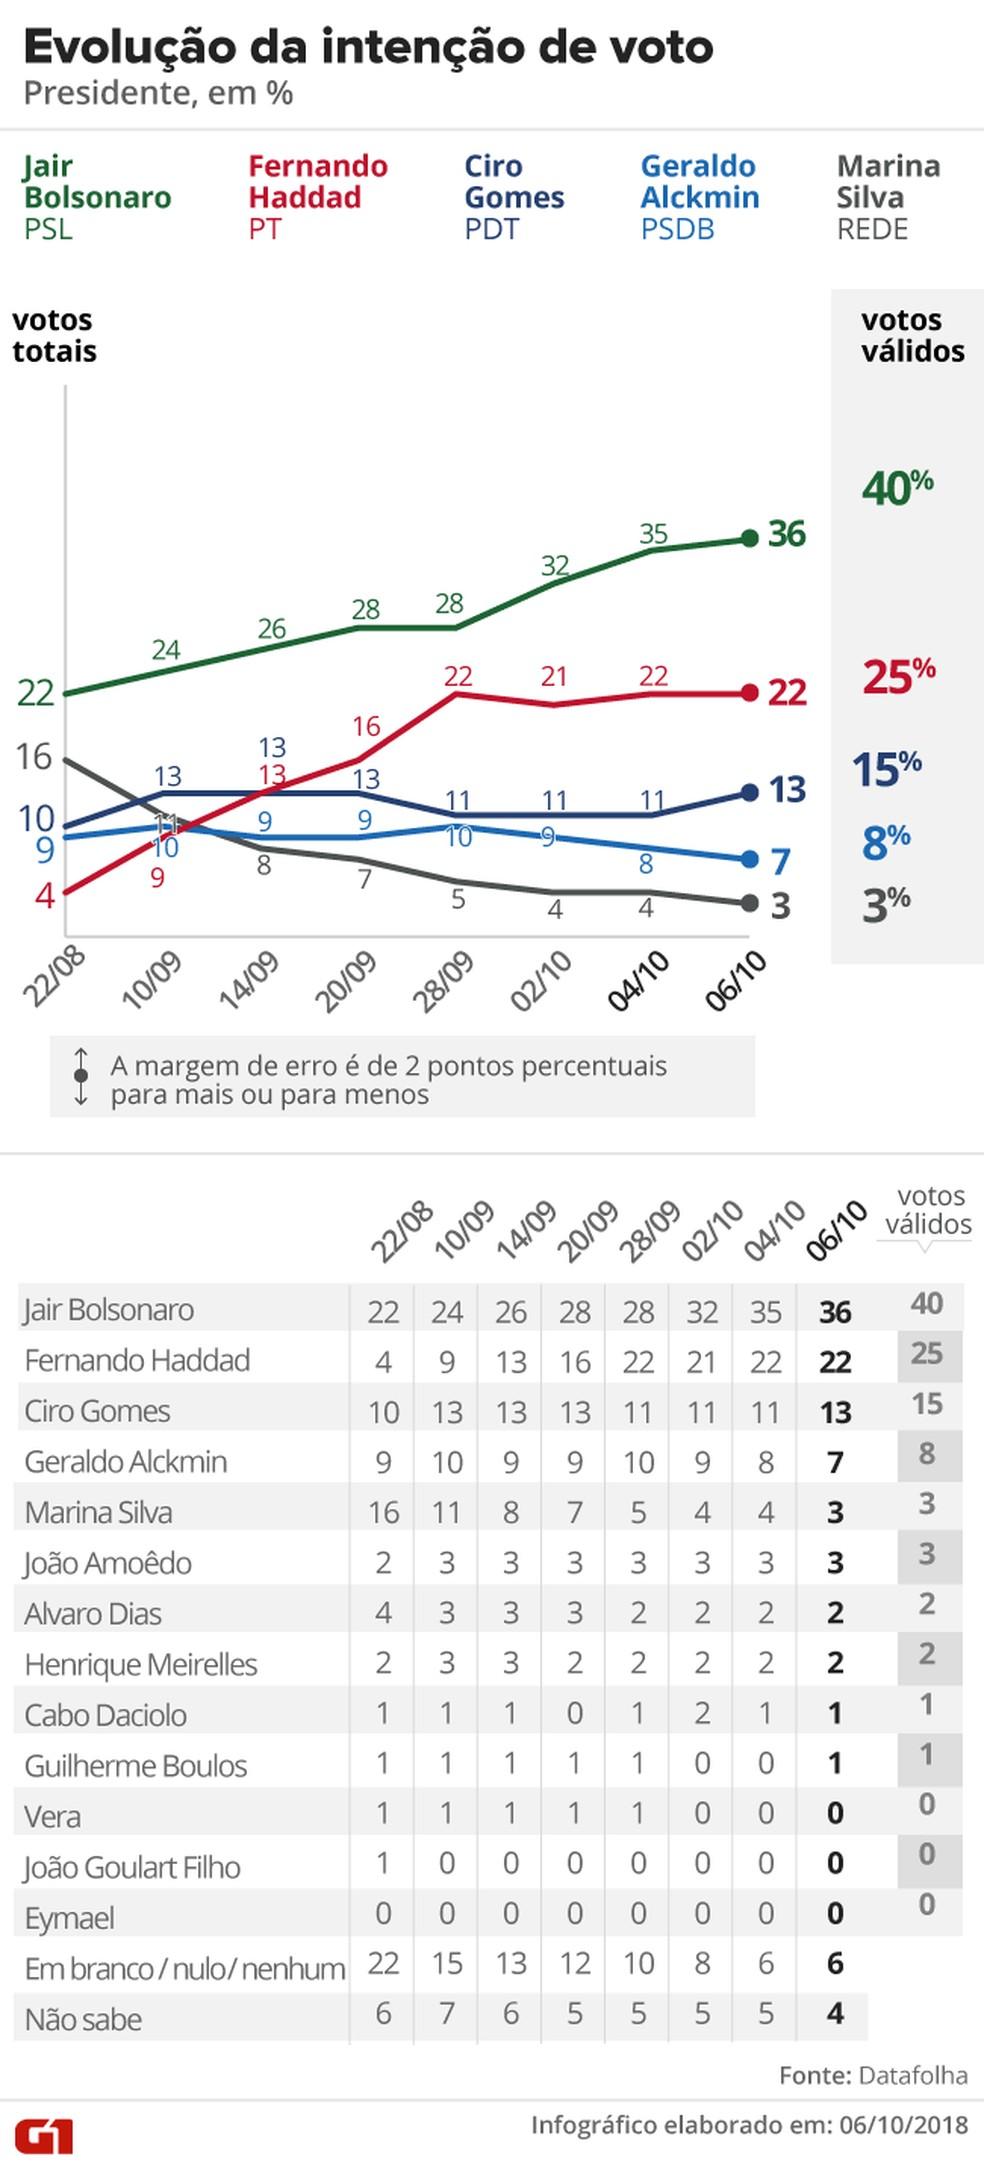 Pesquisa Datafolha - 6 de outubro - evolulção da intenção de votos para presidente — Foto: Arte/G1